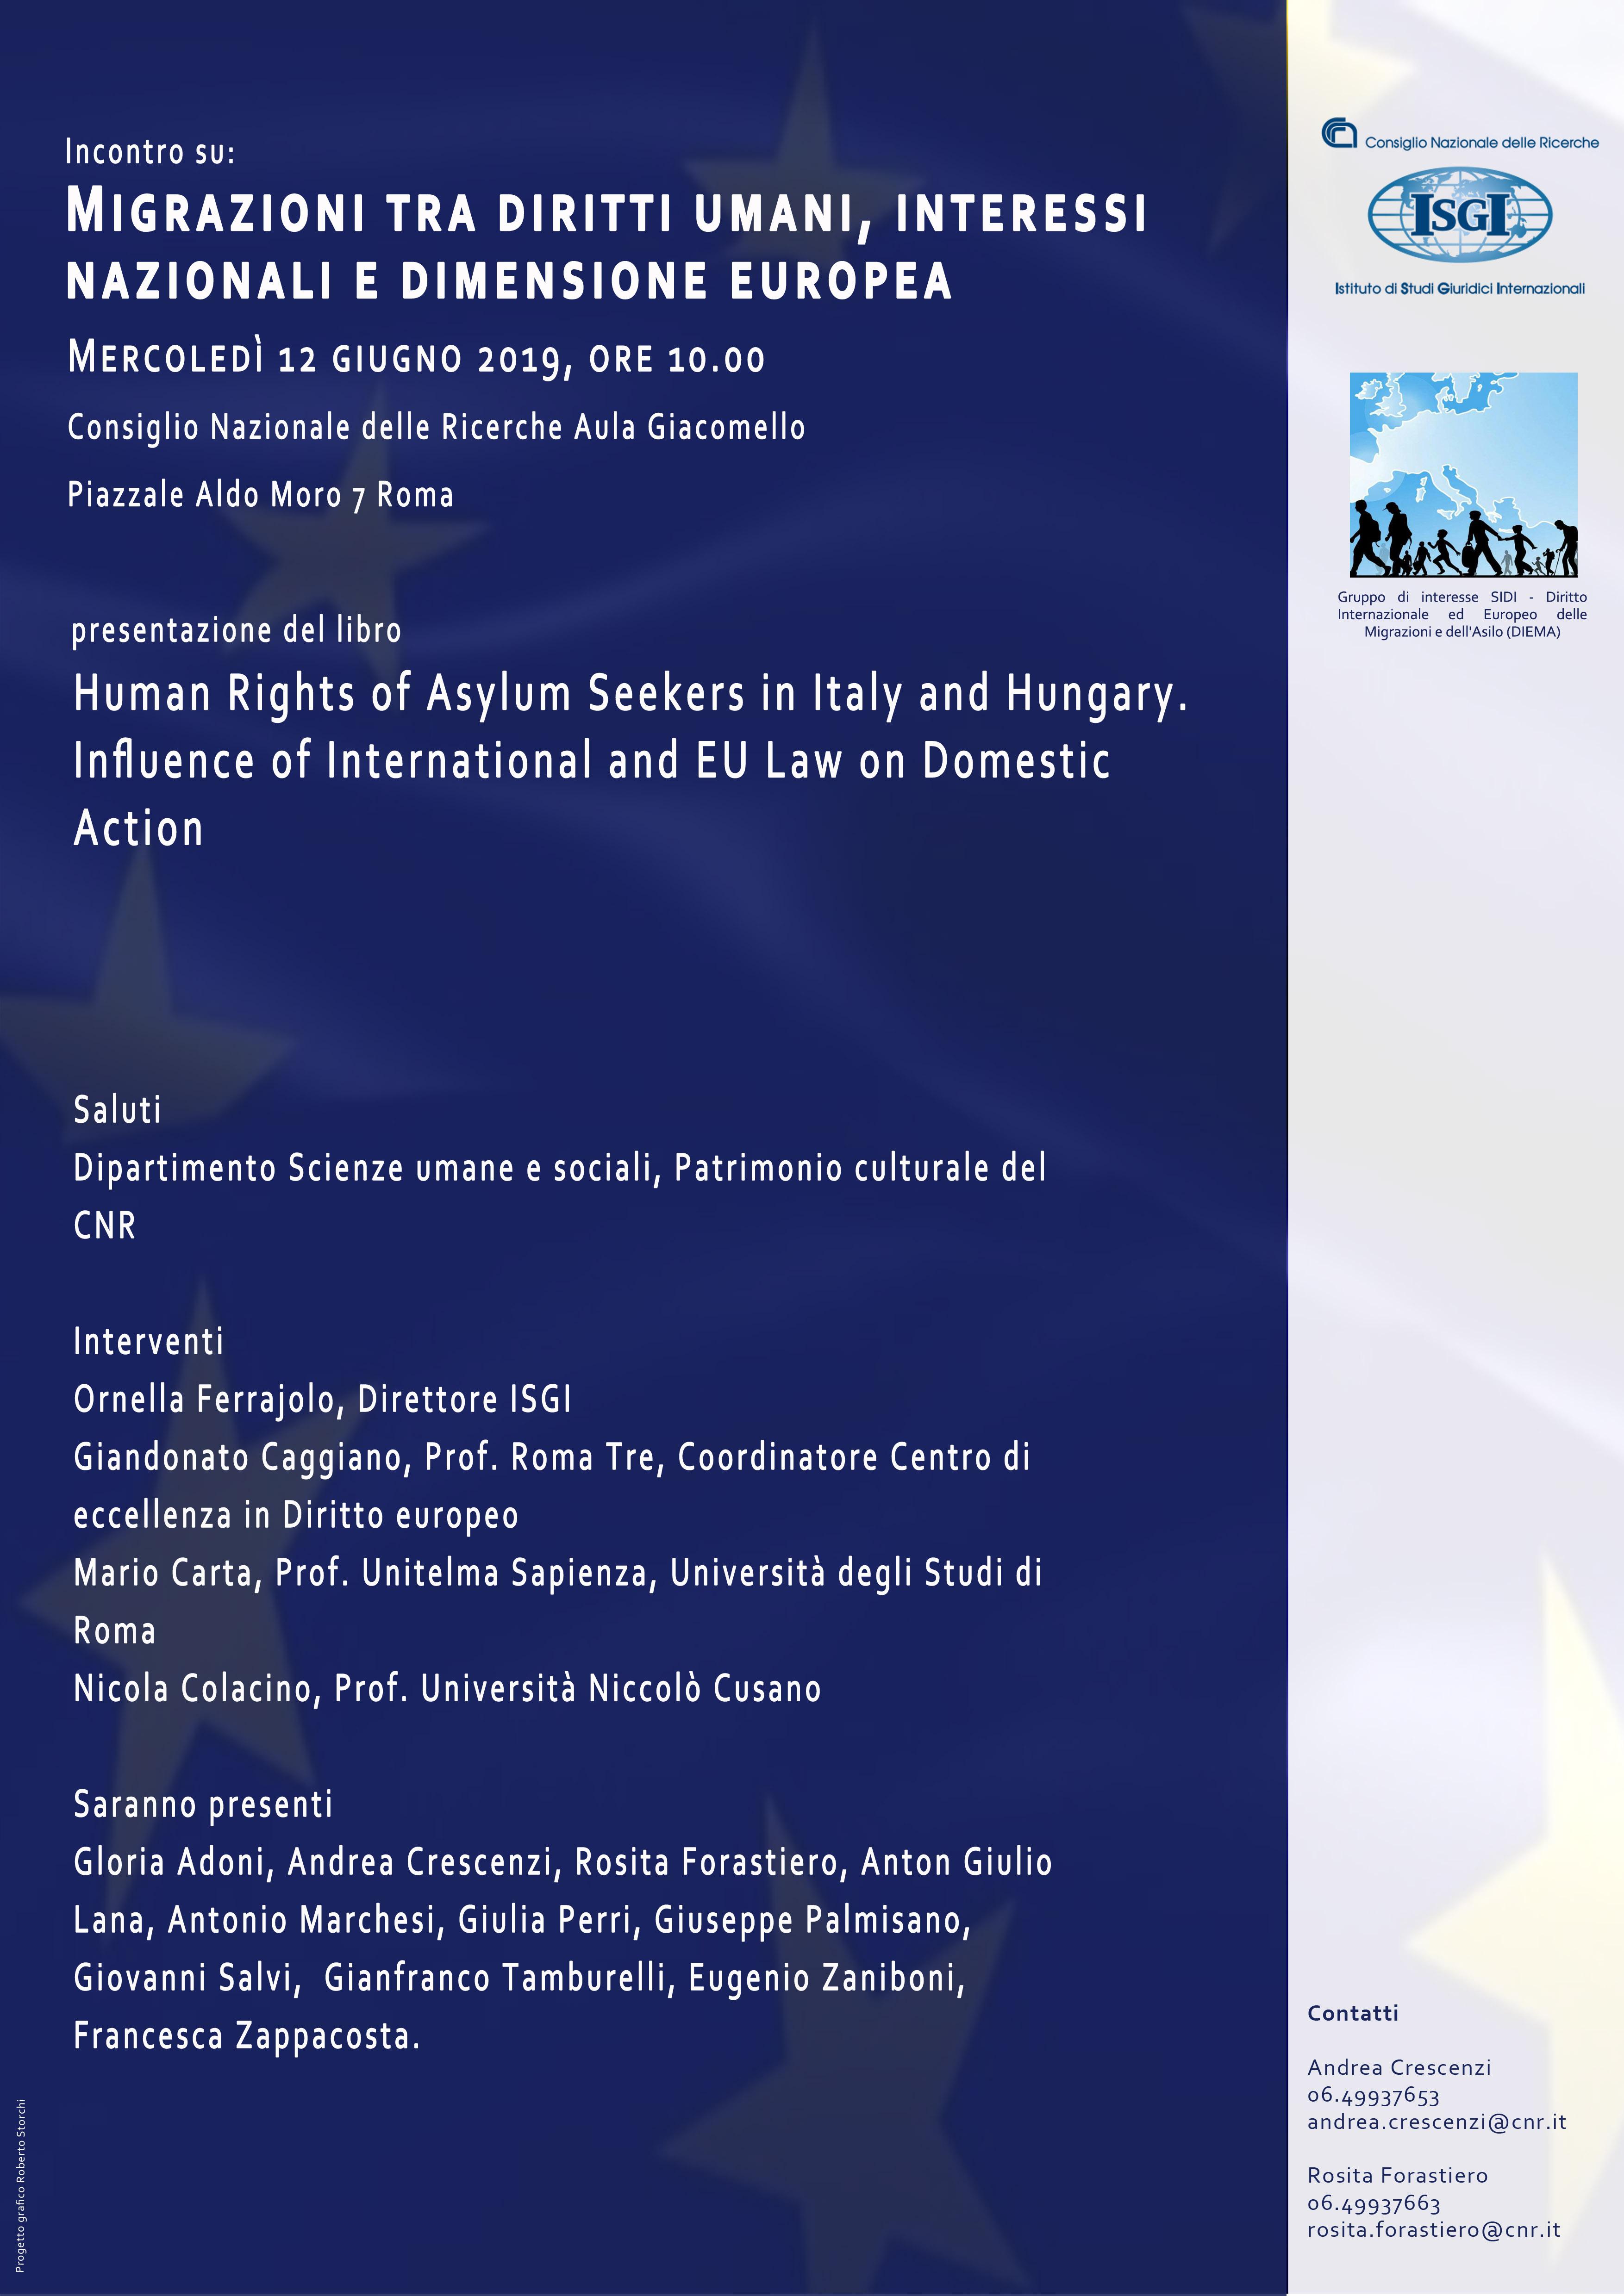 Migrazioni tra diritti umani, interessi nazionali e dimensione europea 12 giugno 2019, Roma